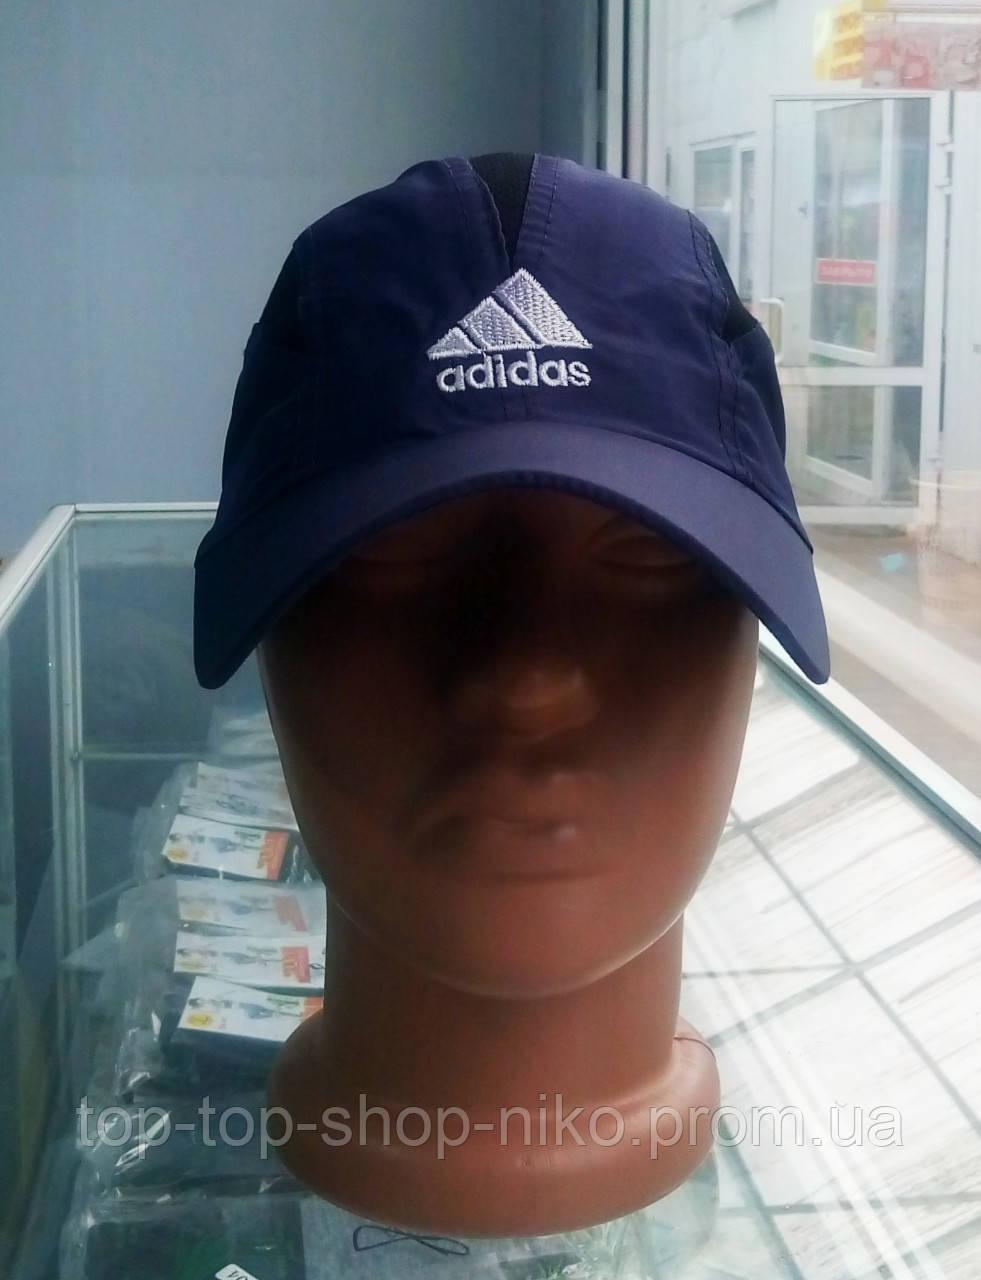 Кепка Adidas сетка